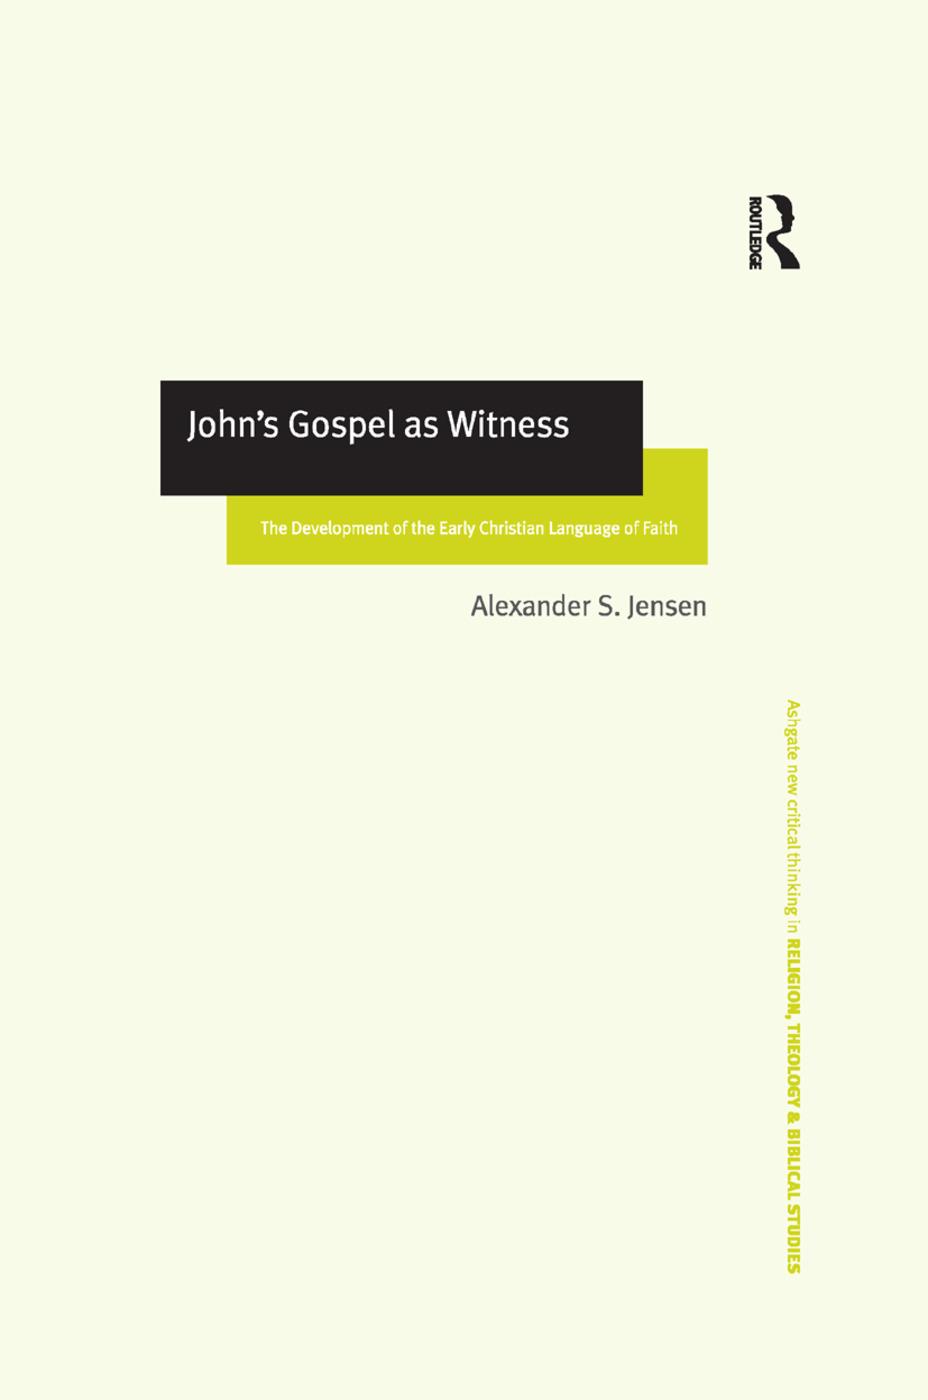 John's Gospel as Witness